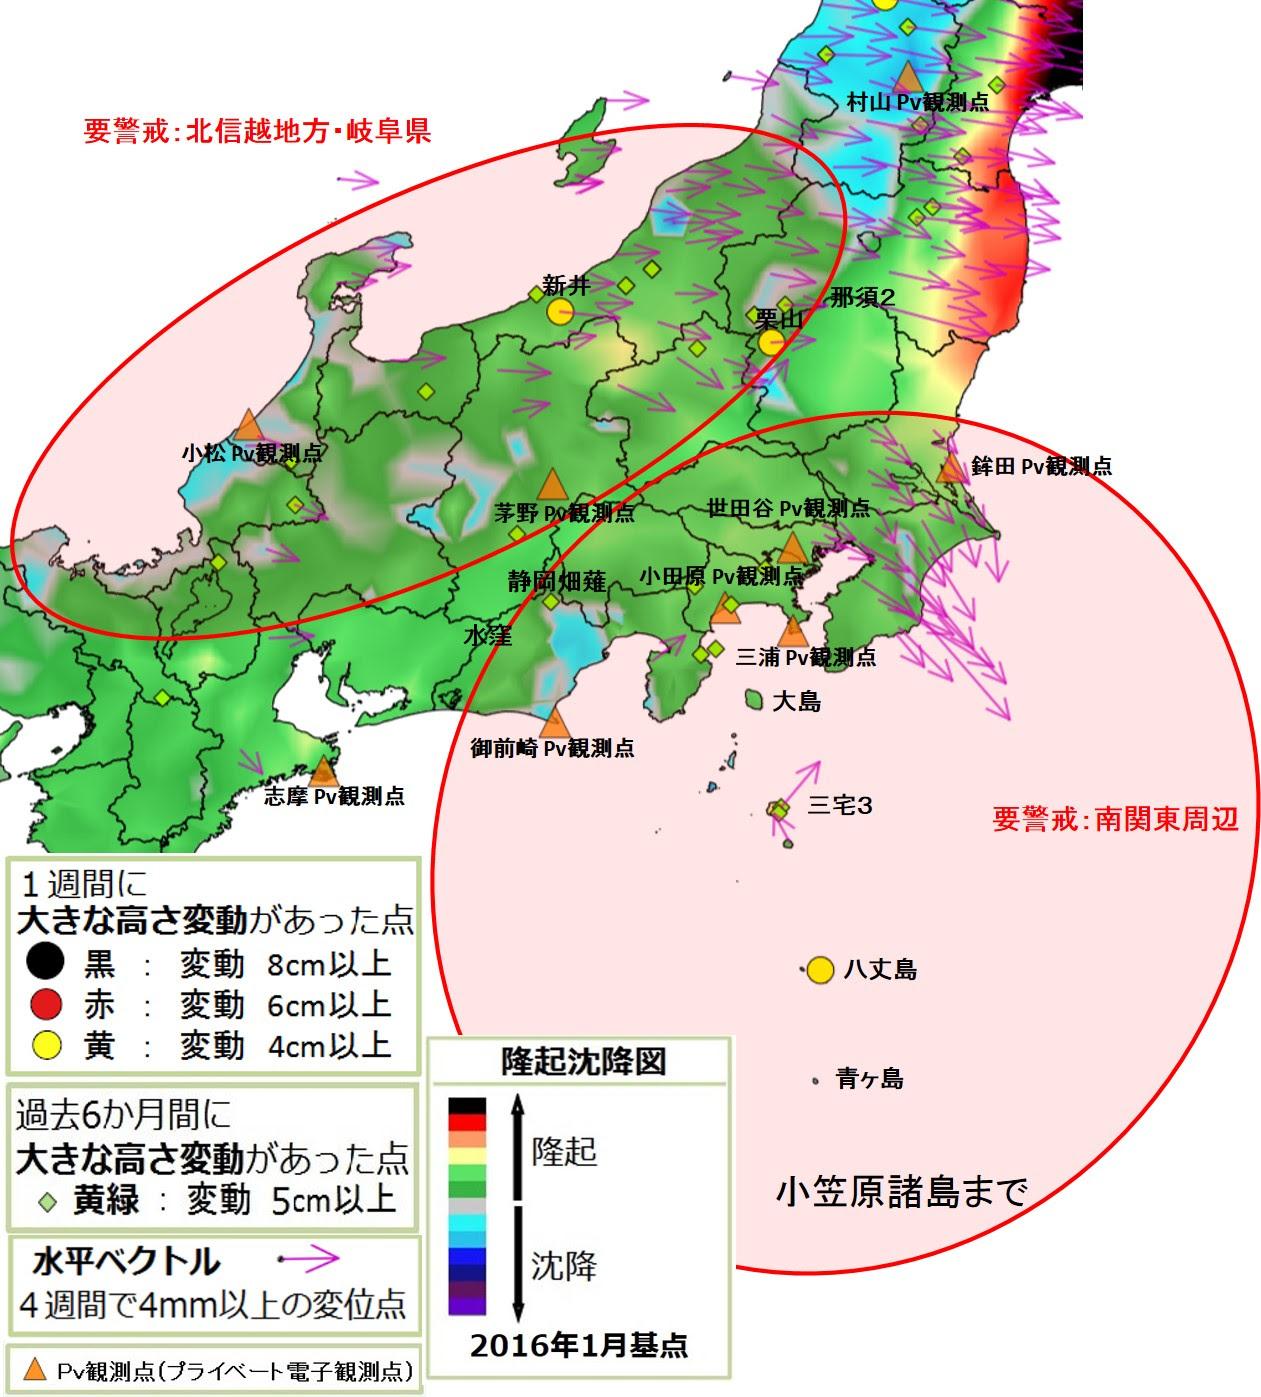 メルマガ『MEGA地震予測』最新号より